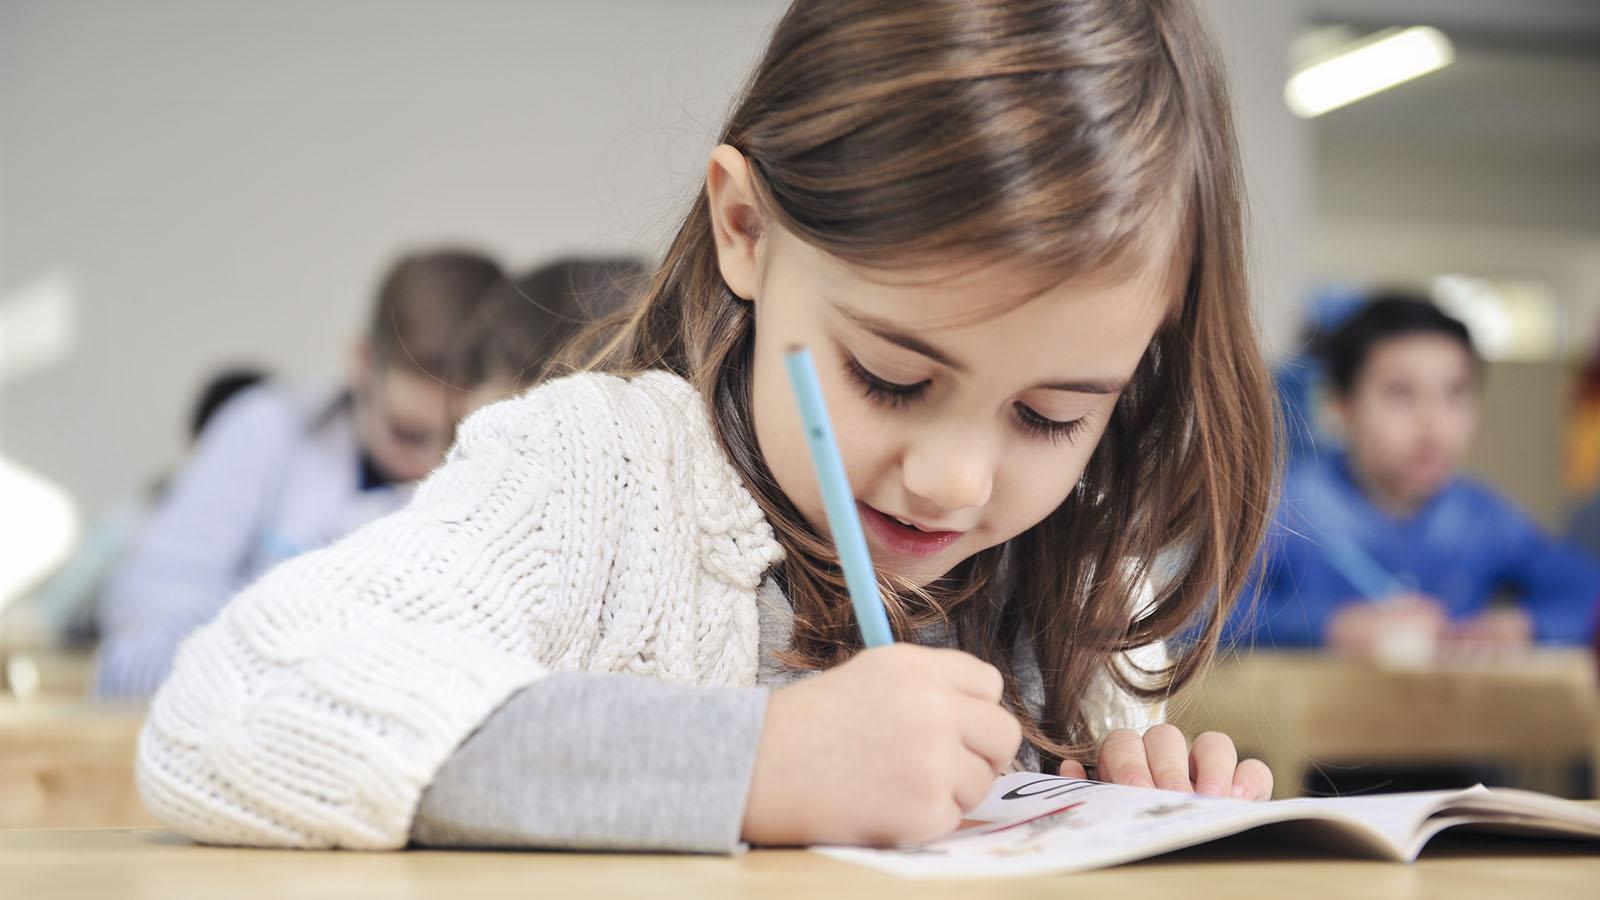 Διεξαγωγή του 8ου Πανελλήνιου Μαθητικού Διαγωνισμού Φυσικών για μαθητές Ε΄ και ΣΤ΄ τάξεων Δημοτικού Σχολείου